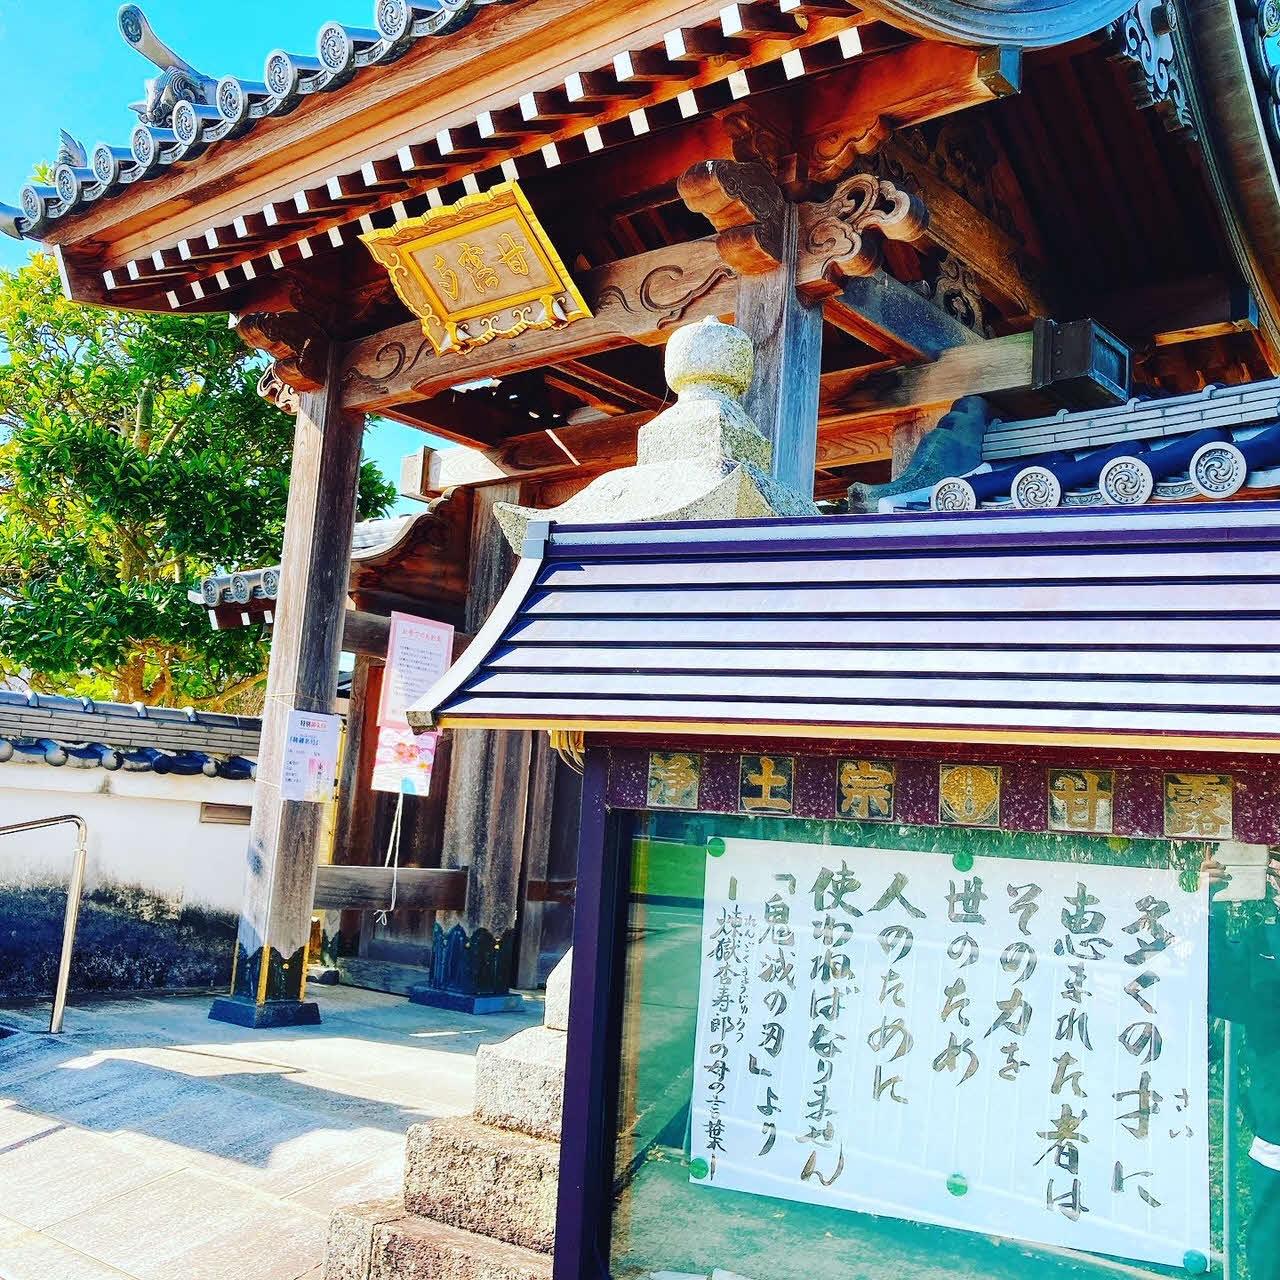 甘露寺境内の掲示板に飾られている「鬼滅の刃」に登場する煉獄杏寿郎の母の言葉が書かれた手書きの書(紀の川市提供)